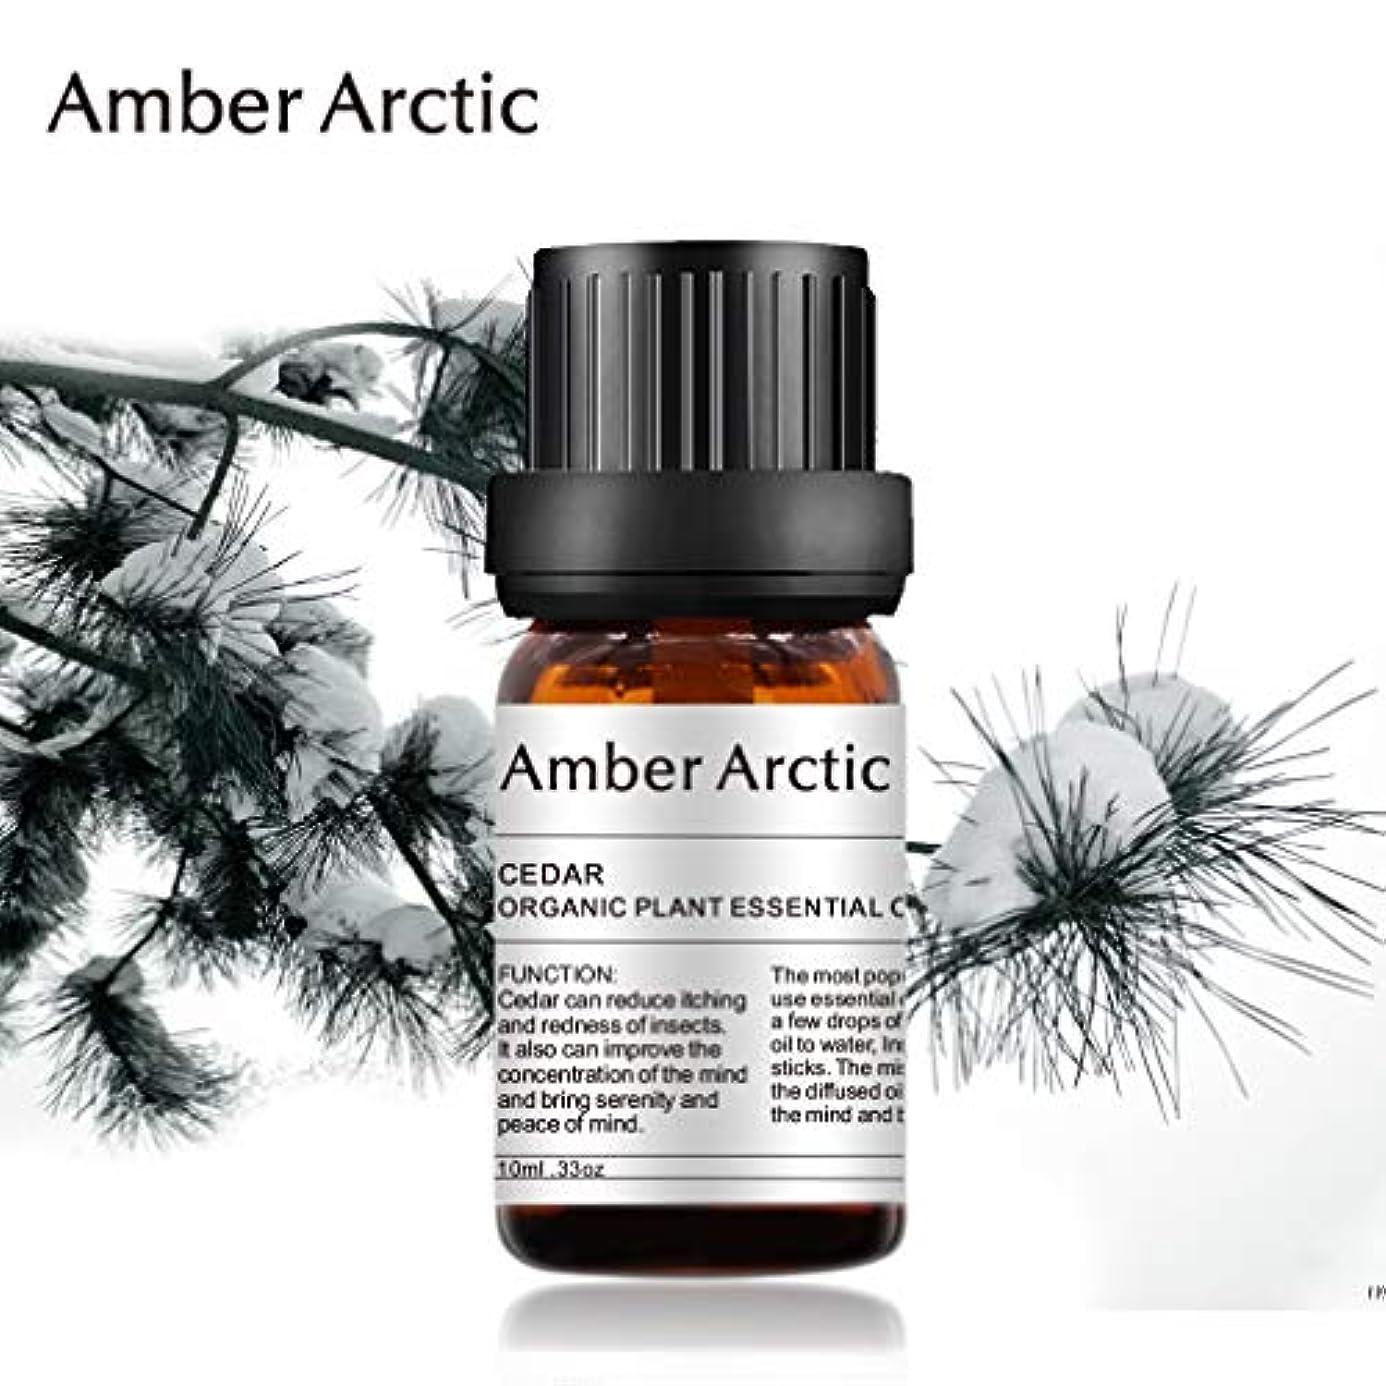 量で版哲学AMBER ARCTIC エッセンシャル オイル ディフューザー 用 100% ピュア フレッシュ 有機 植物 療法 オイル 0.33 オンス 10ML パイン